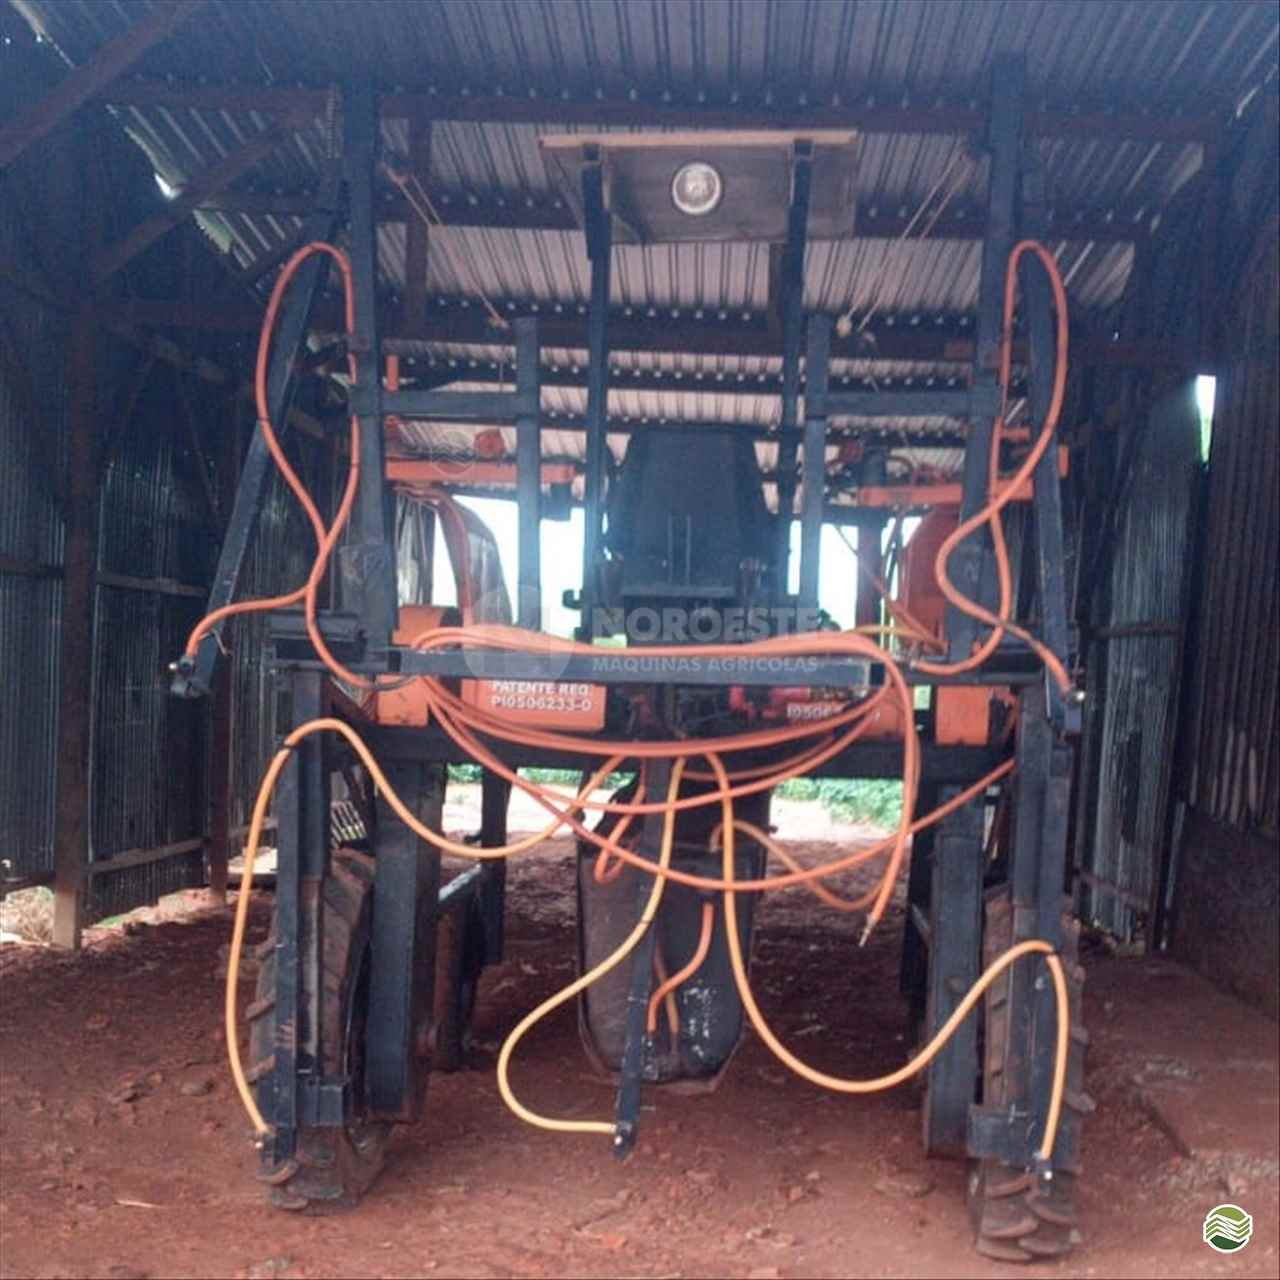 TANQUE de Noroeste Máquinas Agrícolas - CIANORTE/PR